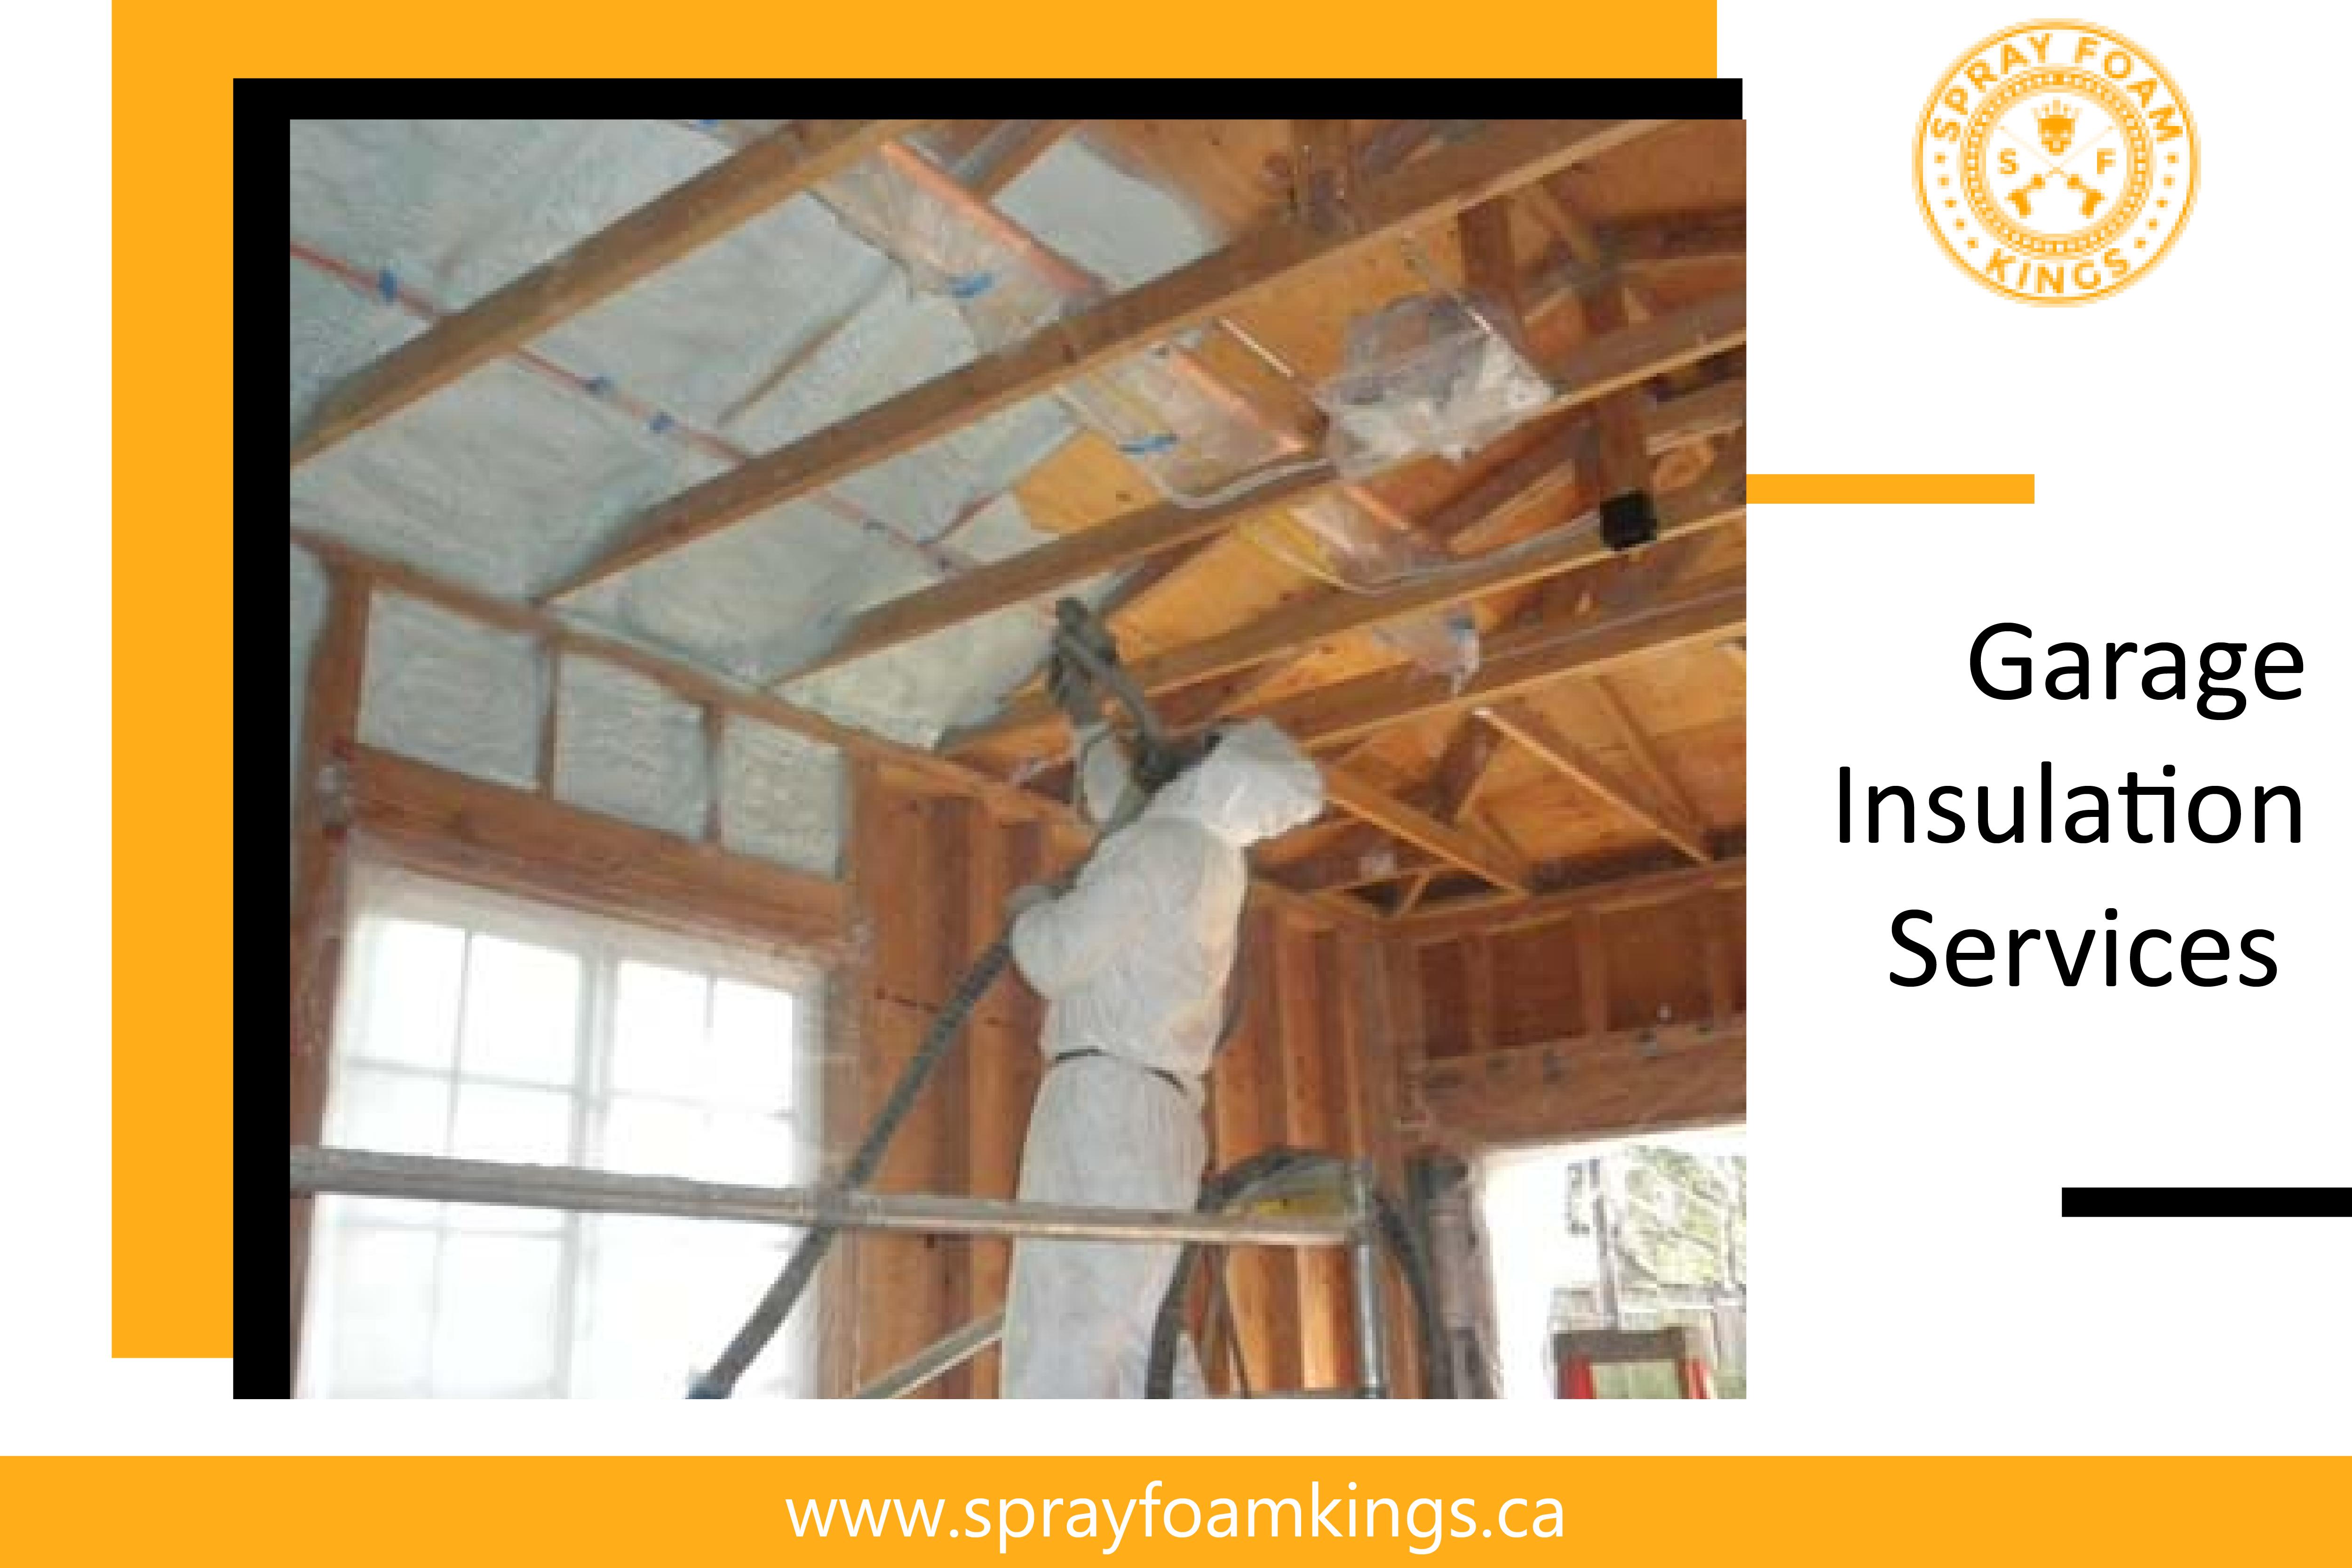 Garage Insulation In 2020 Garage Insulation Spray Foam Insulation